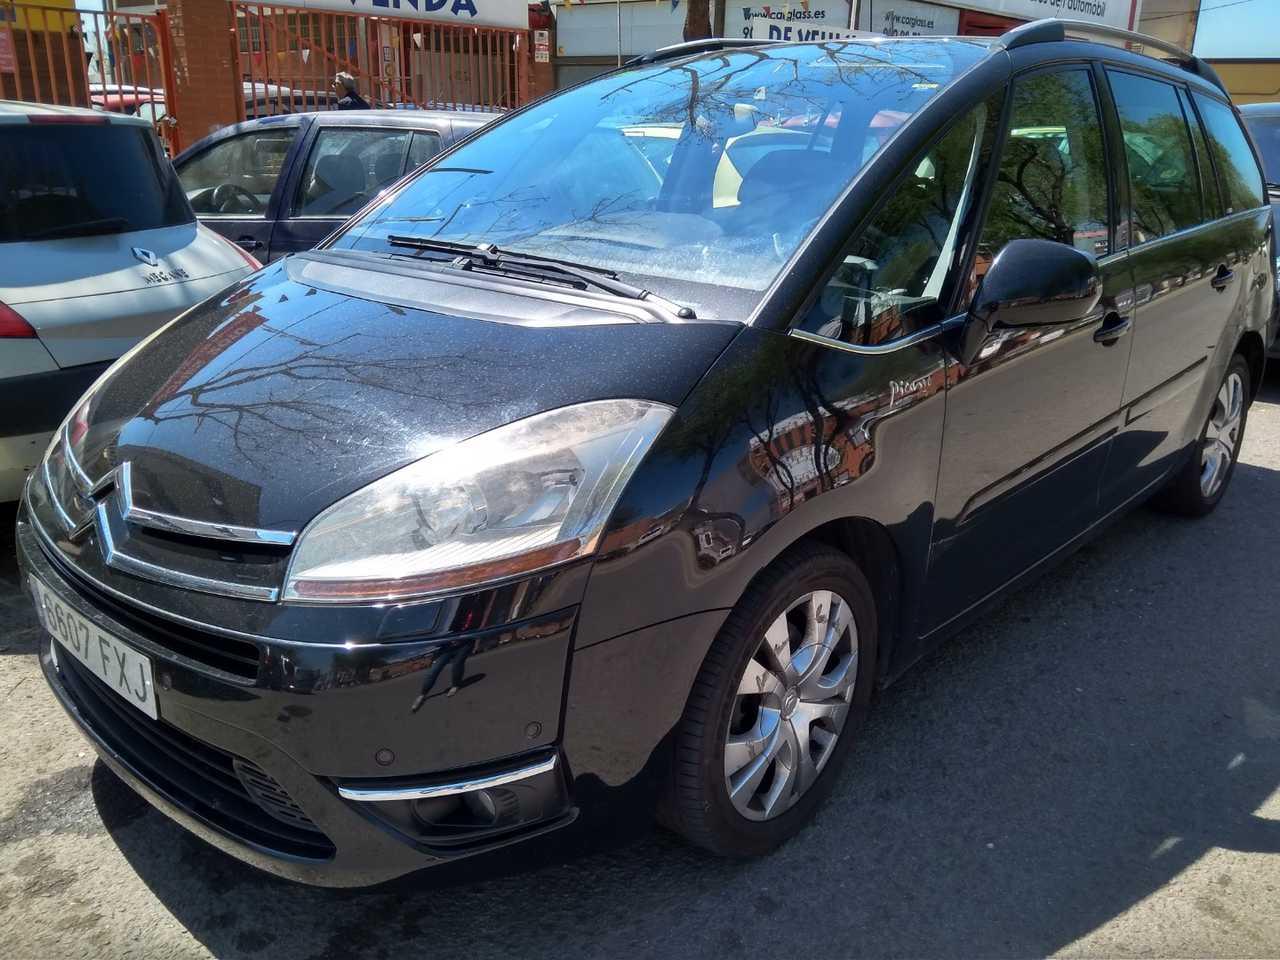 Citroën C4 Picasso 1.6 HDI   - Foto 1